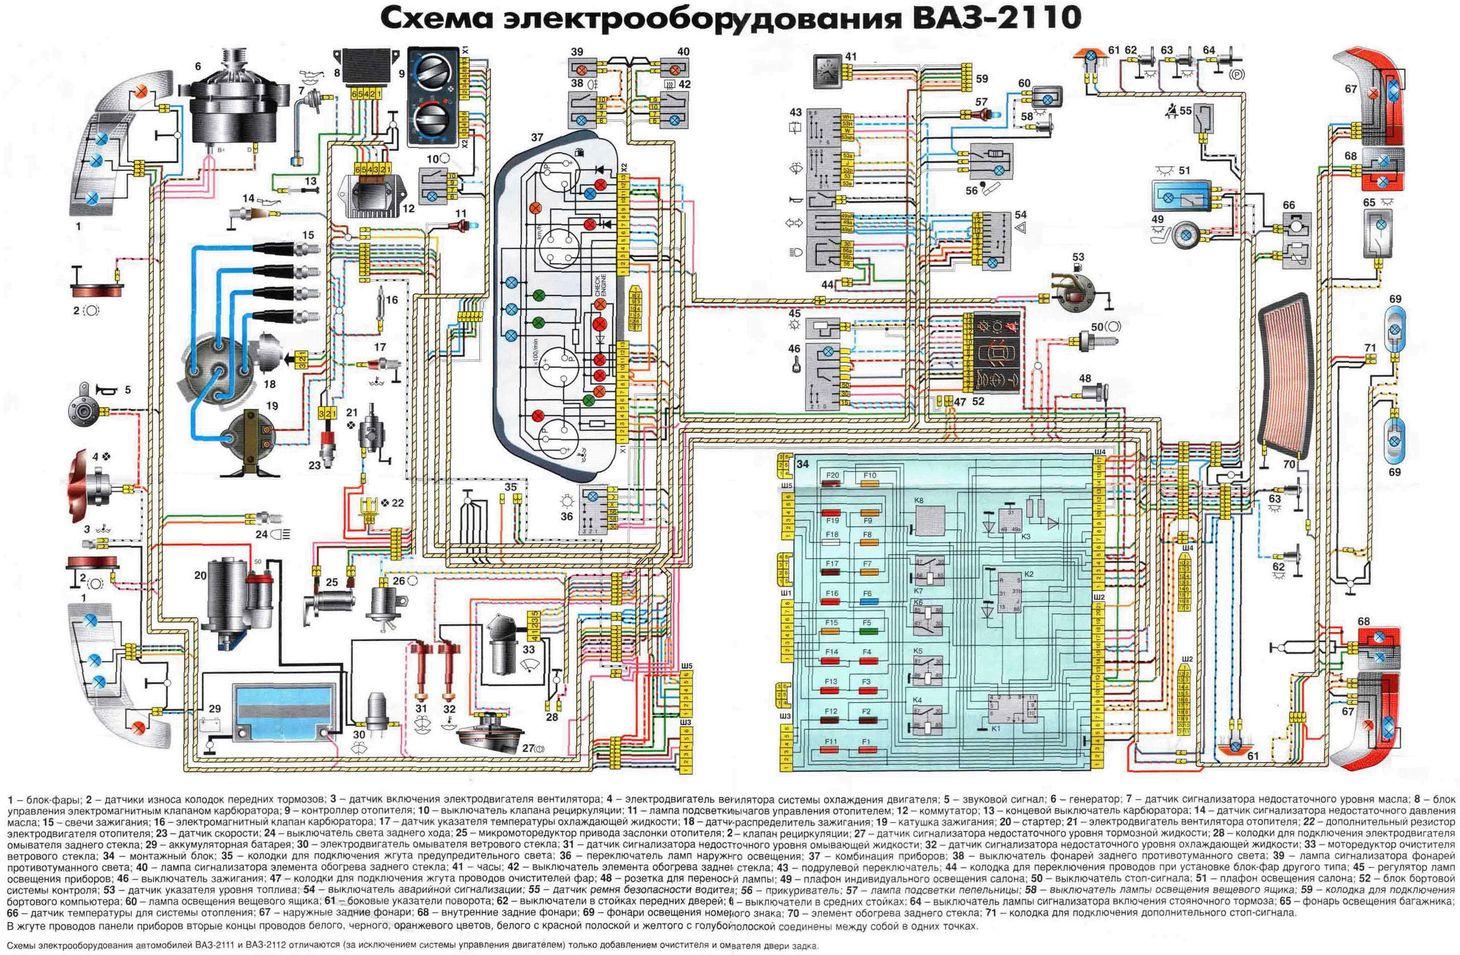 Фото №22 - неисправности электрооборудования ВАЗ 2110 инжектор